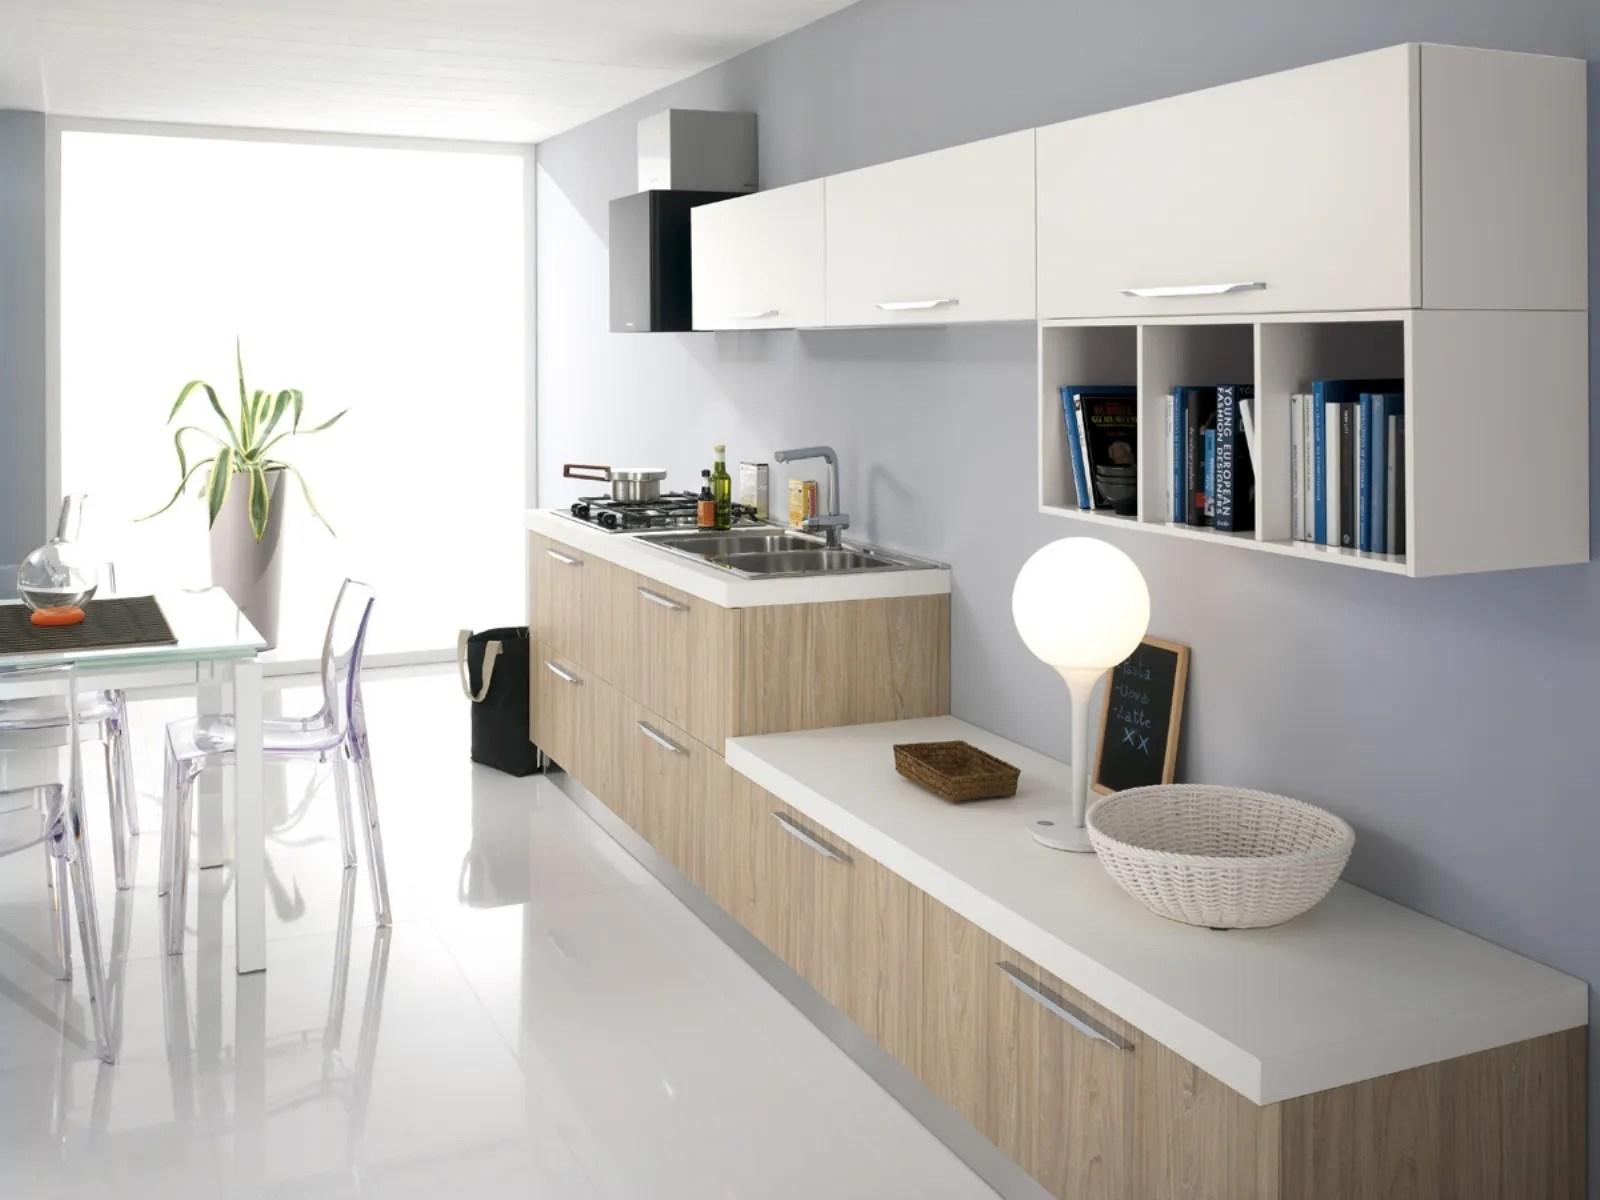 Devi arredare la cucina e soggiorno in ambiente unico? Cucina E Soggiorno Nello Stesso Ambiente